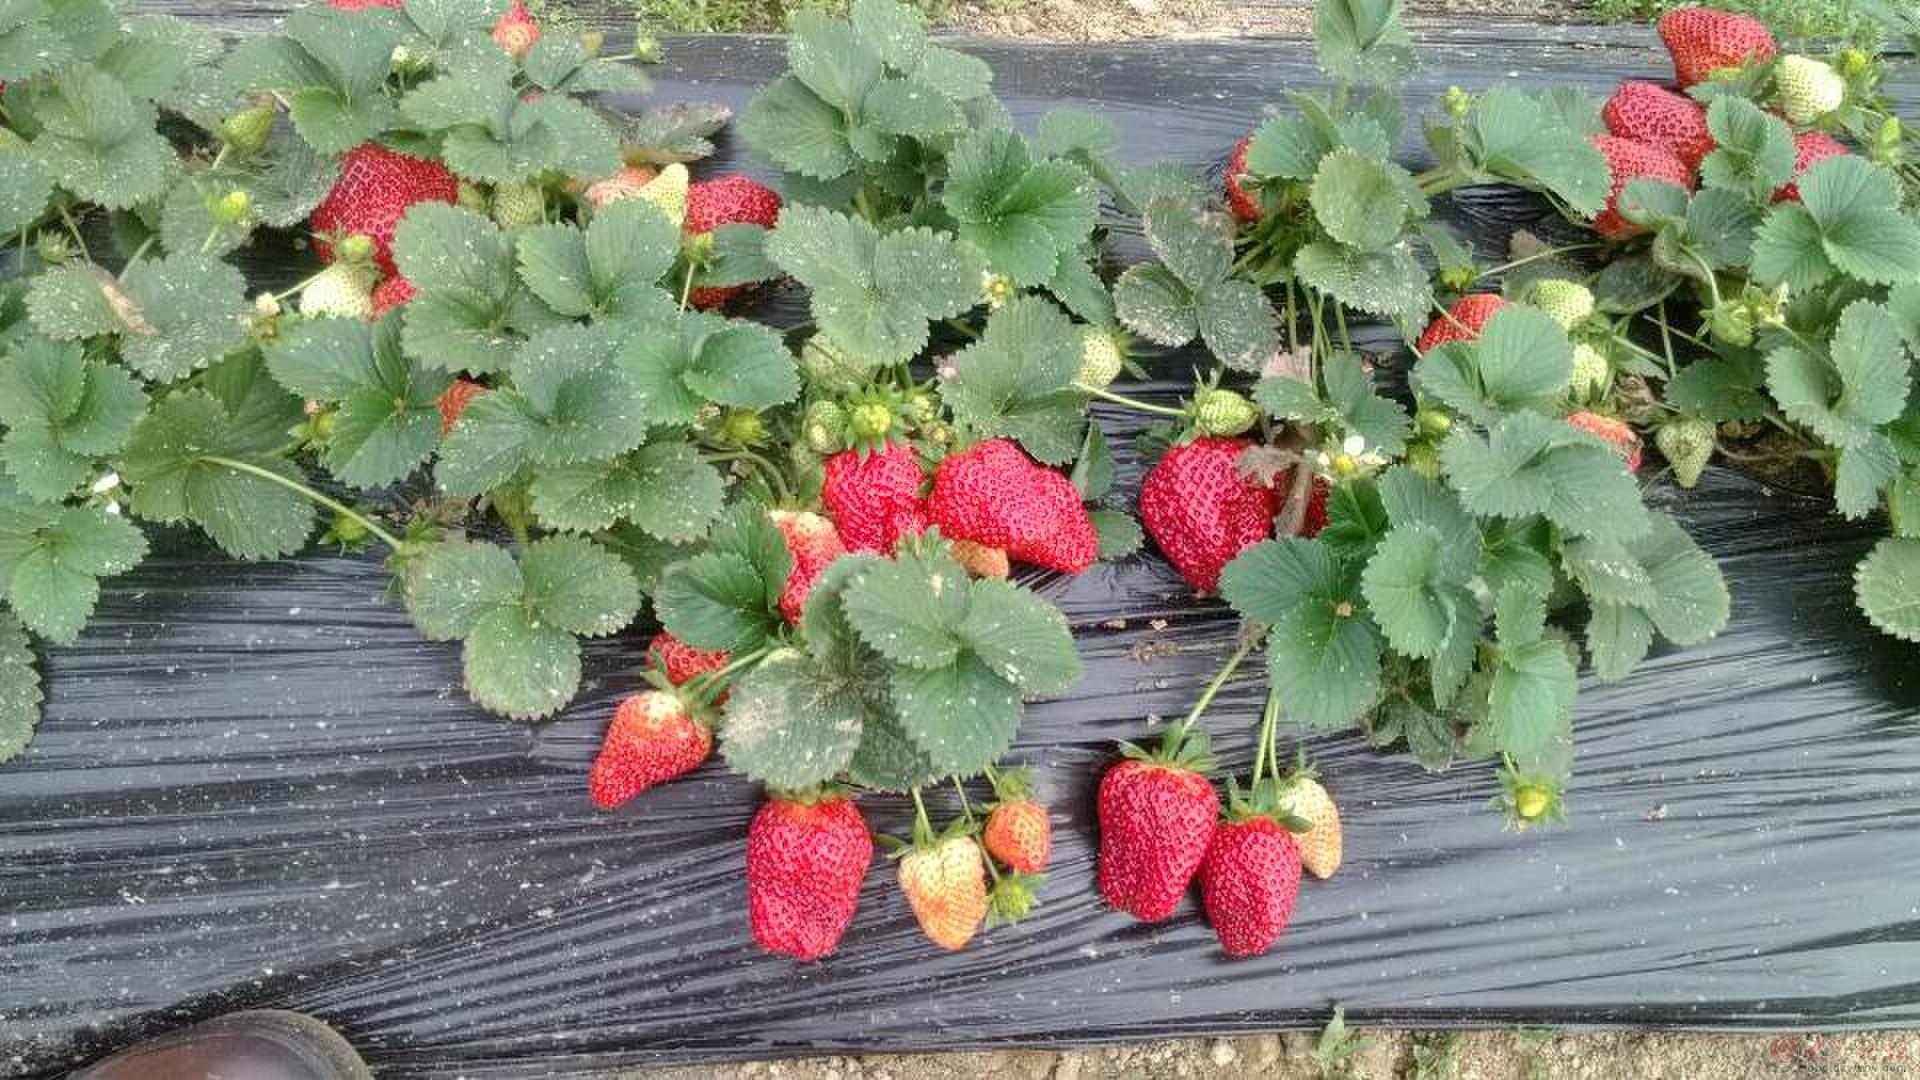 一年级叙事作文:摘草莓图片